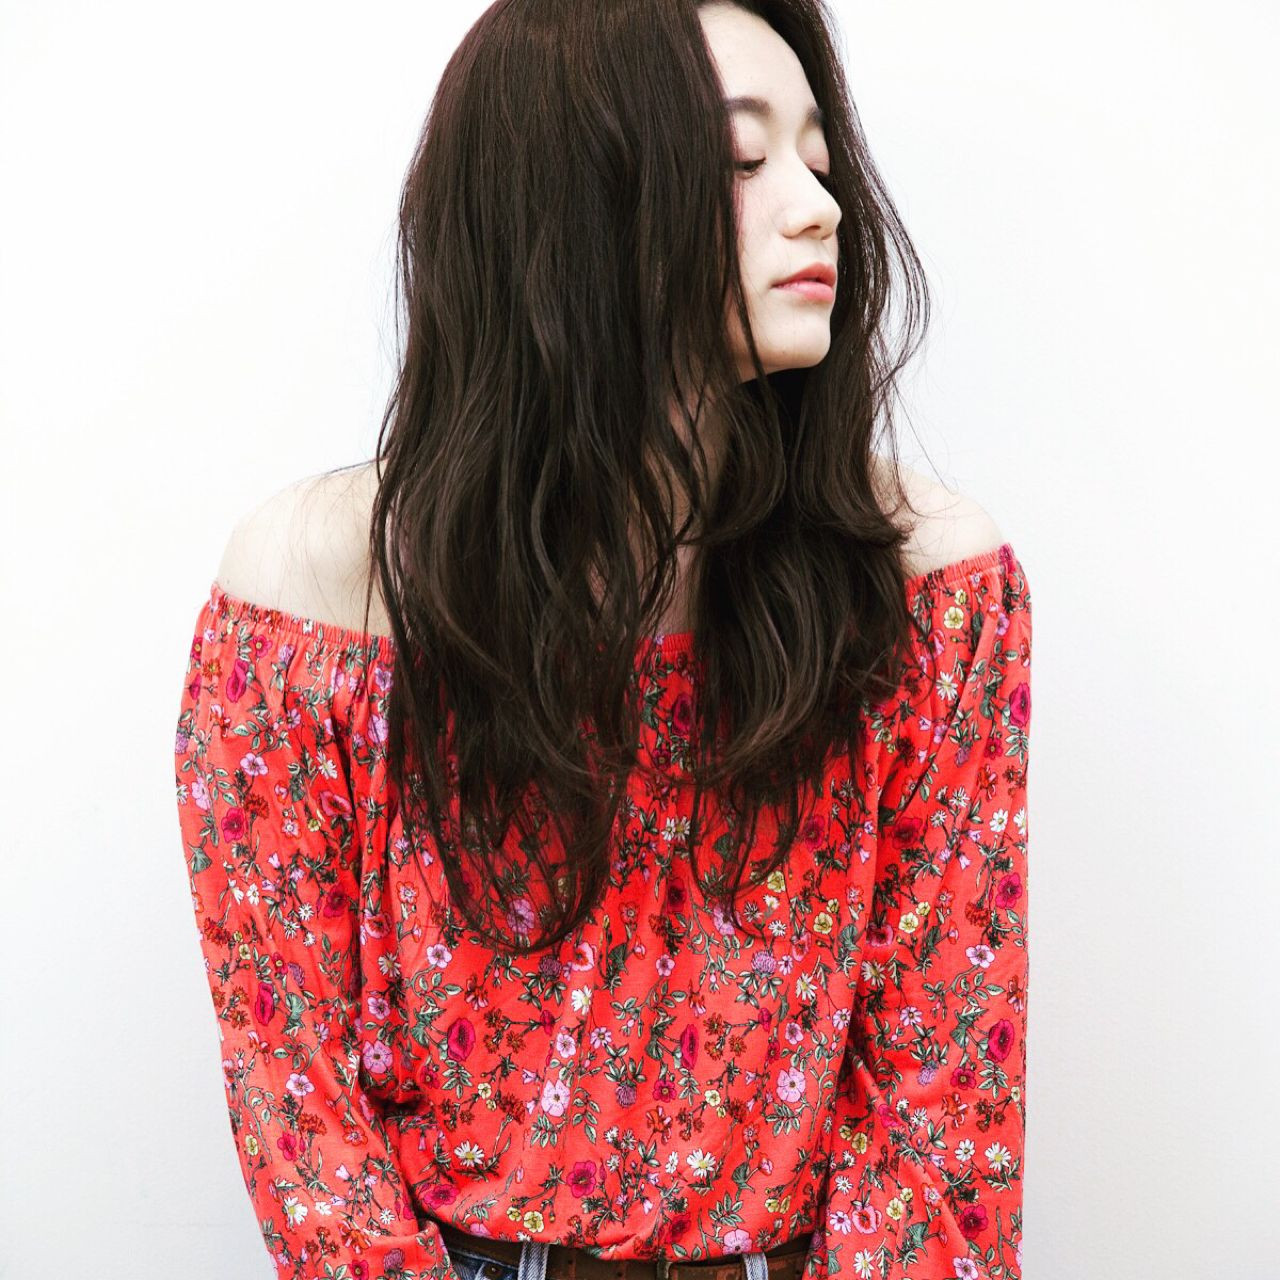 【ヘアカタログ】黒髪を活かしたヘアスタイル8選  佐藤友香